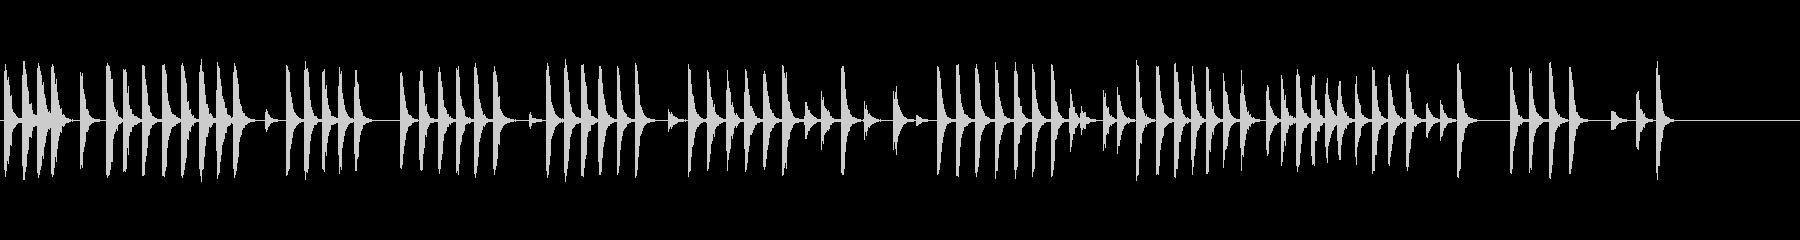 ハンマーが木を吹くの未再生の波形